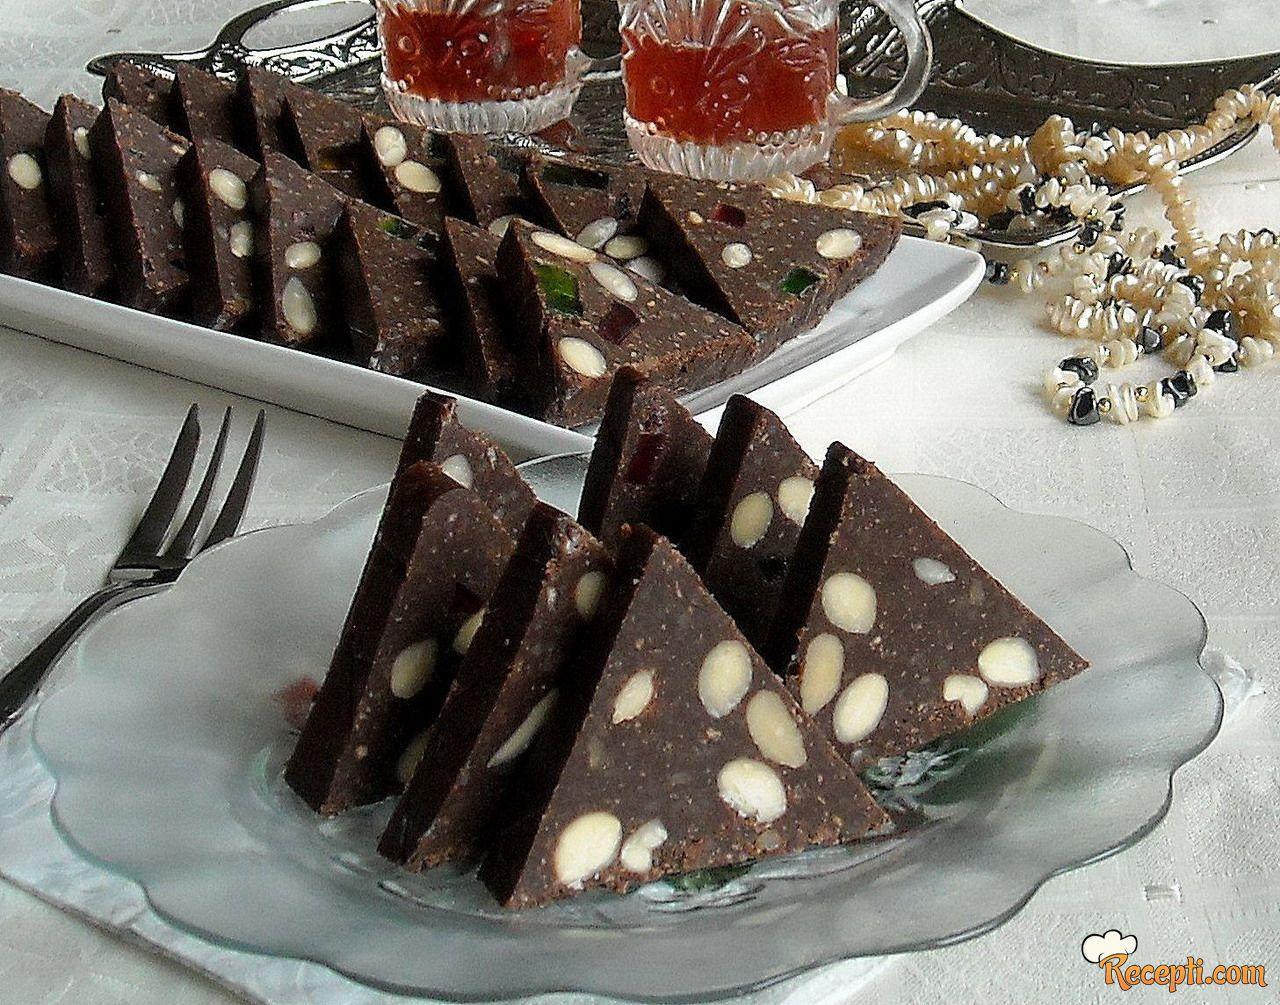 Čokoladni trokuti